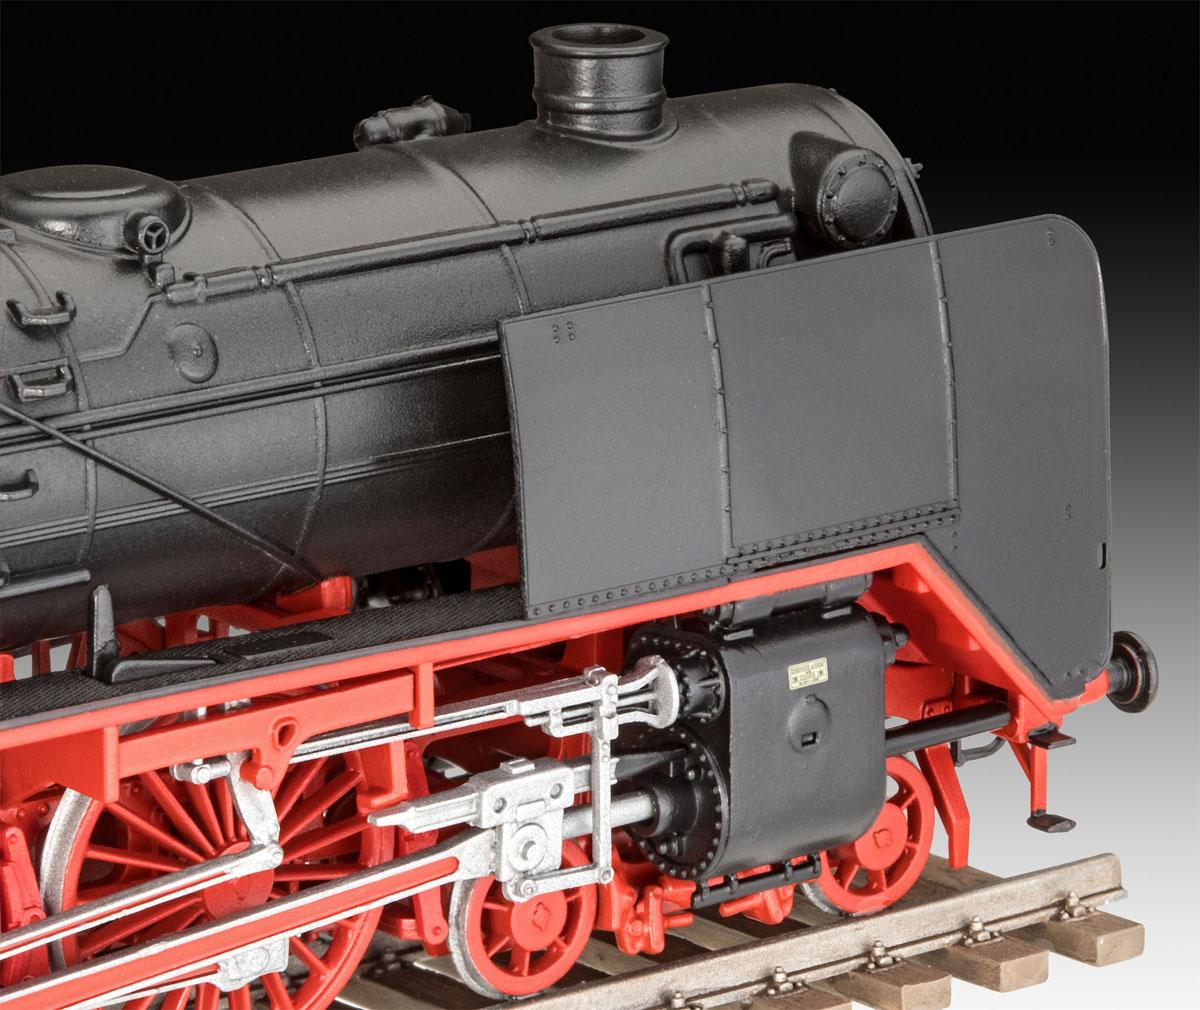 Locomotiva Express BR01 com Tender - 1/87 - Revell 02172  - BLIMPS COMÉRCIO ELETRÔNICO